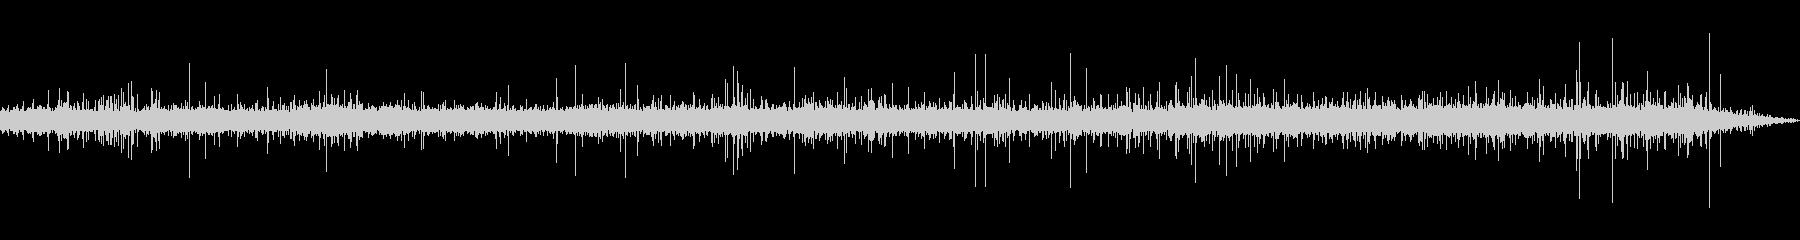 ASMR フライパンの油で焼く時の音の未再生の波形